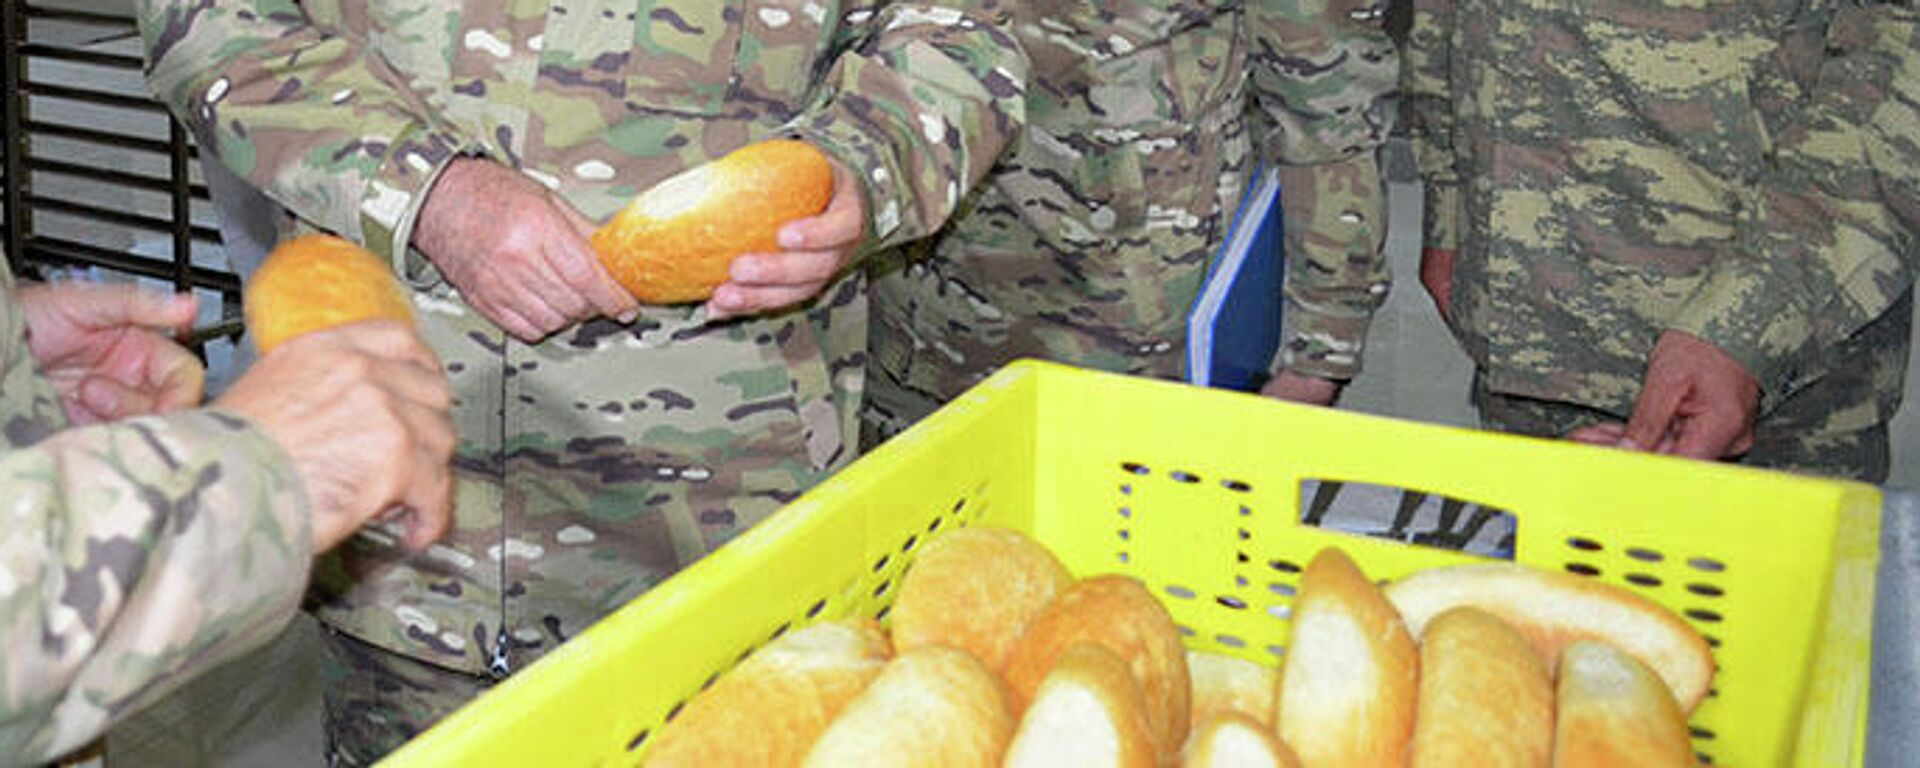 На военном объекте в Кельбаджаре заработала хлебопекарня - Sputnik Азербайджан, 1920, 29.09.2021